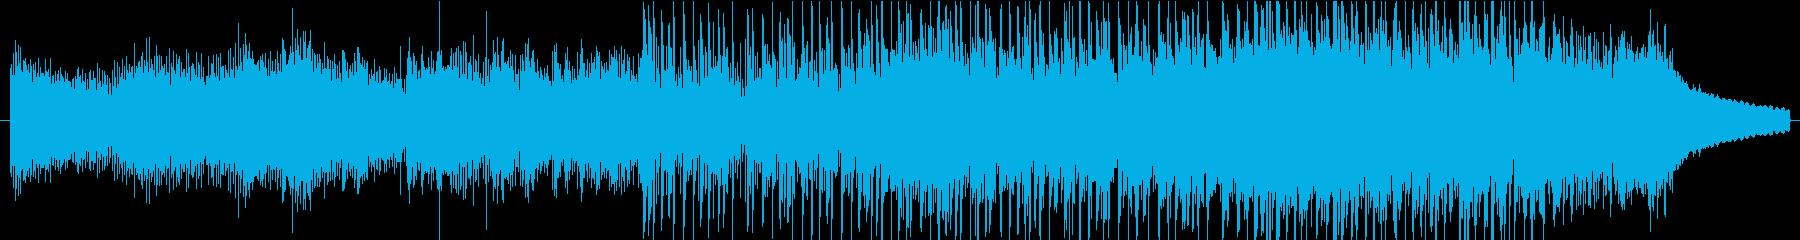 爽やかで不思議なシンセアルペジオのBGMの再生済みの波形